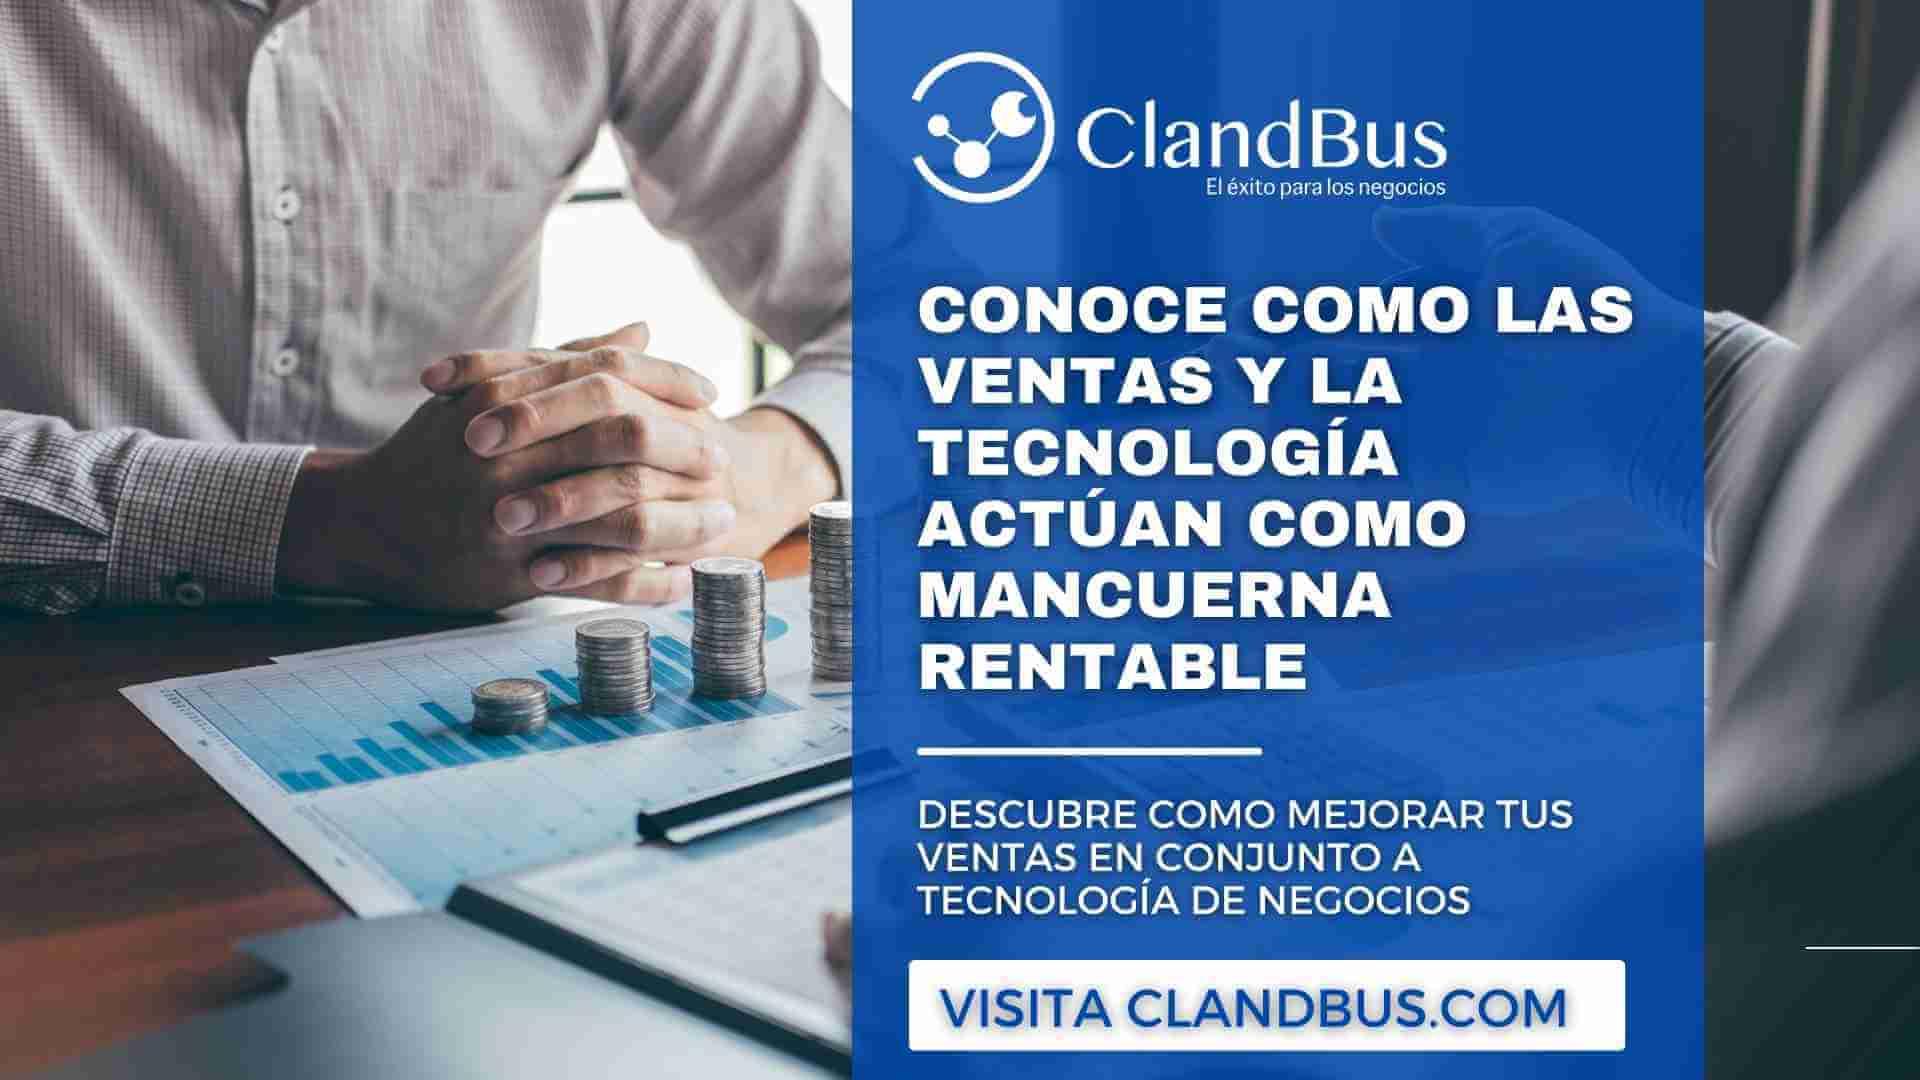 las ventas y la tecnología - Conozca como hacer rentable su empresa por medio de Acumatica ERP mejorando las ventas y automatizando procesos de seguimiento a clientes con ayuda de ClandBus